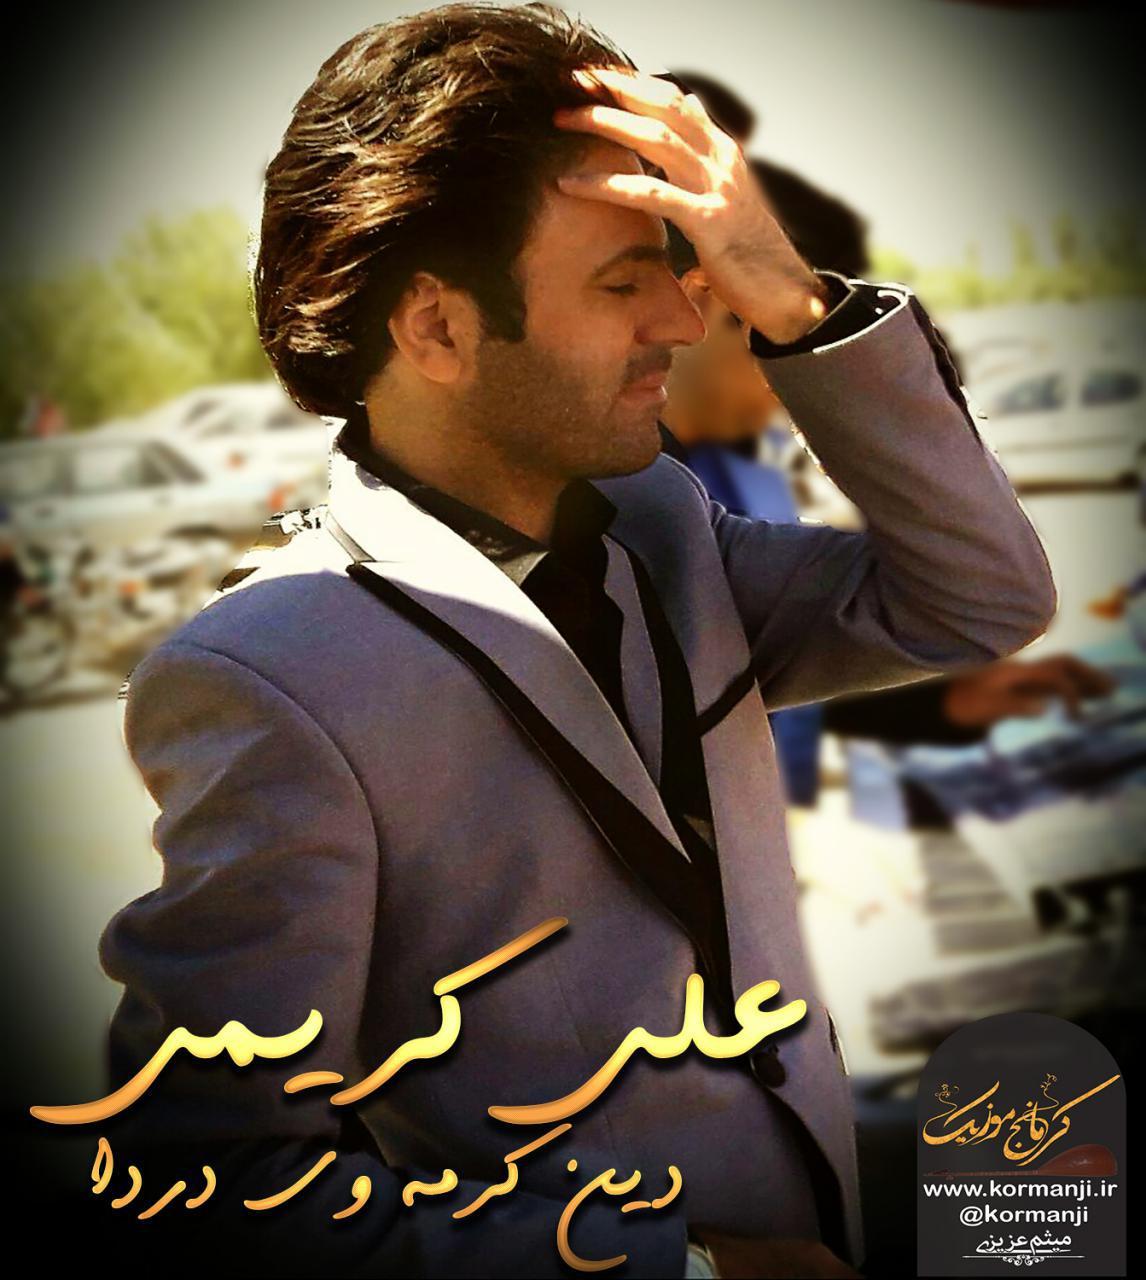 آهنگ جدید کرمانجی از علی کریمی به نام دین کرمه وی دردا